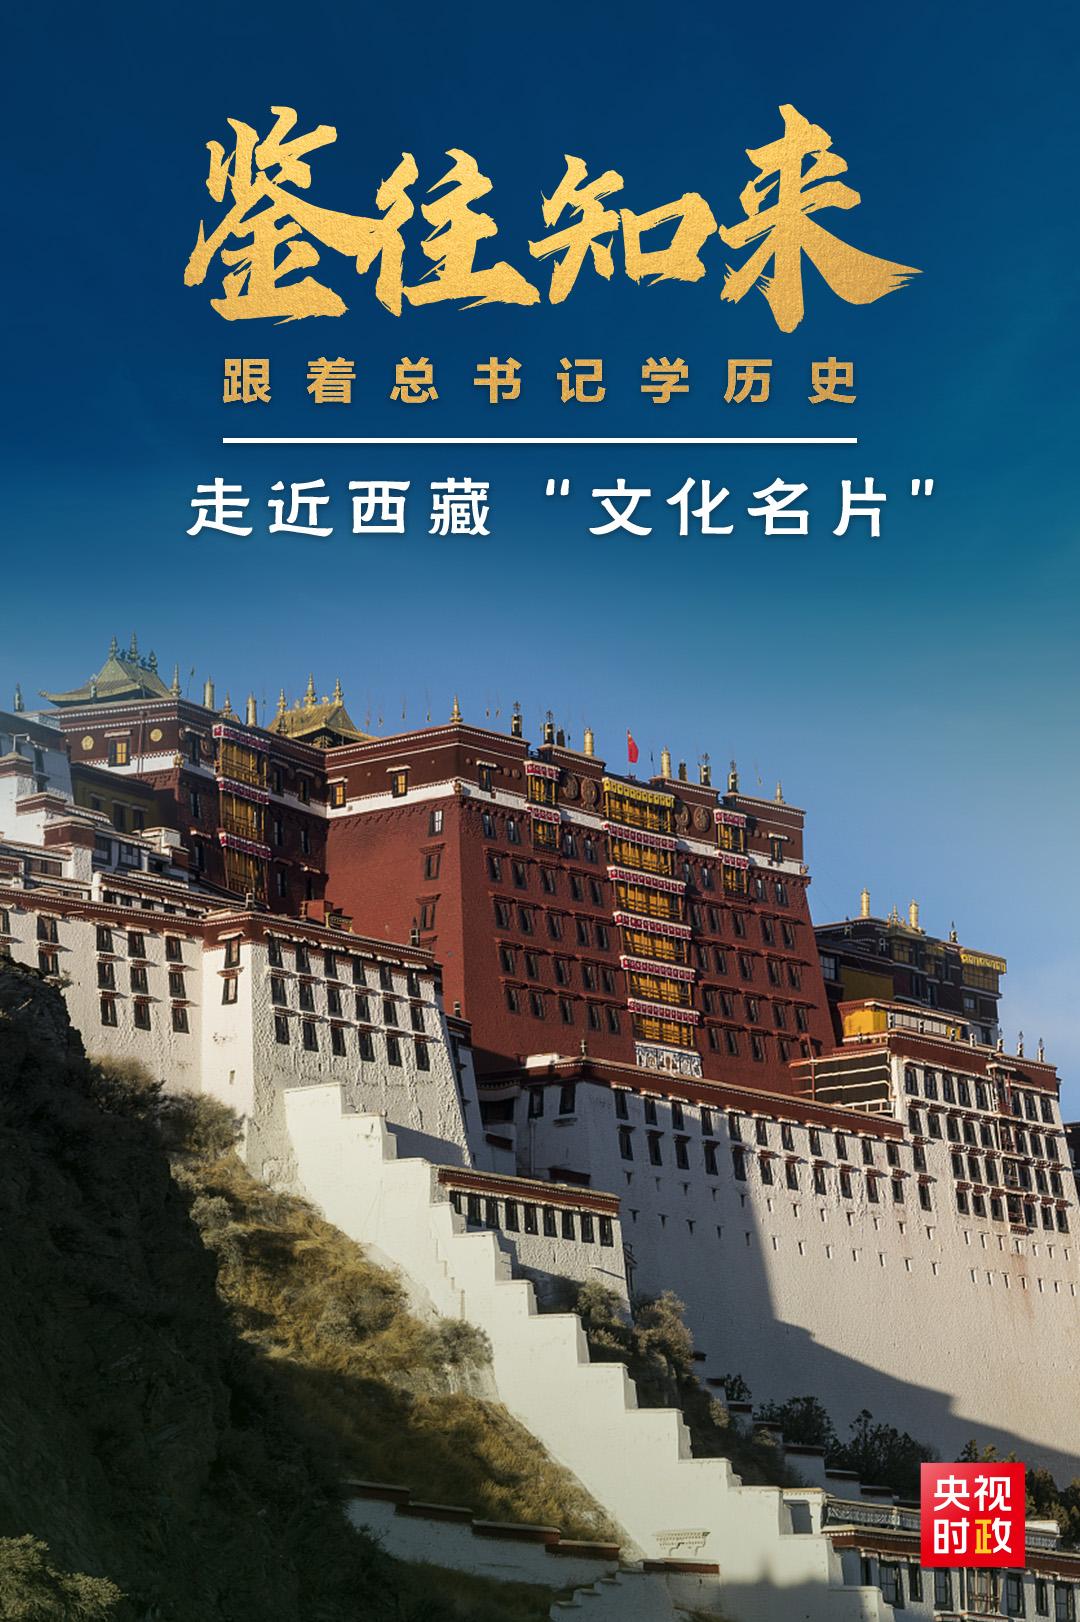 鉴往知来,跟着总书记学历史丨保护西藏优秀传统文化,总书记为何如此关注?